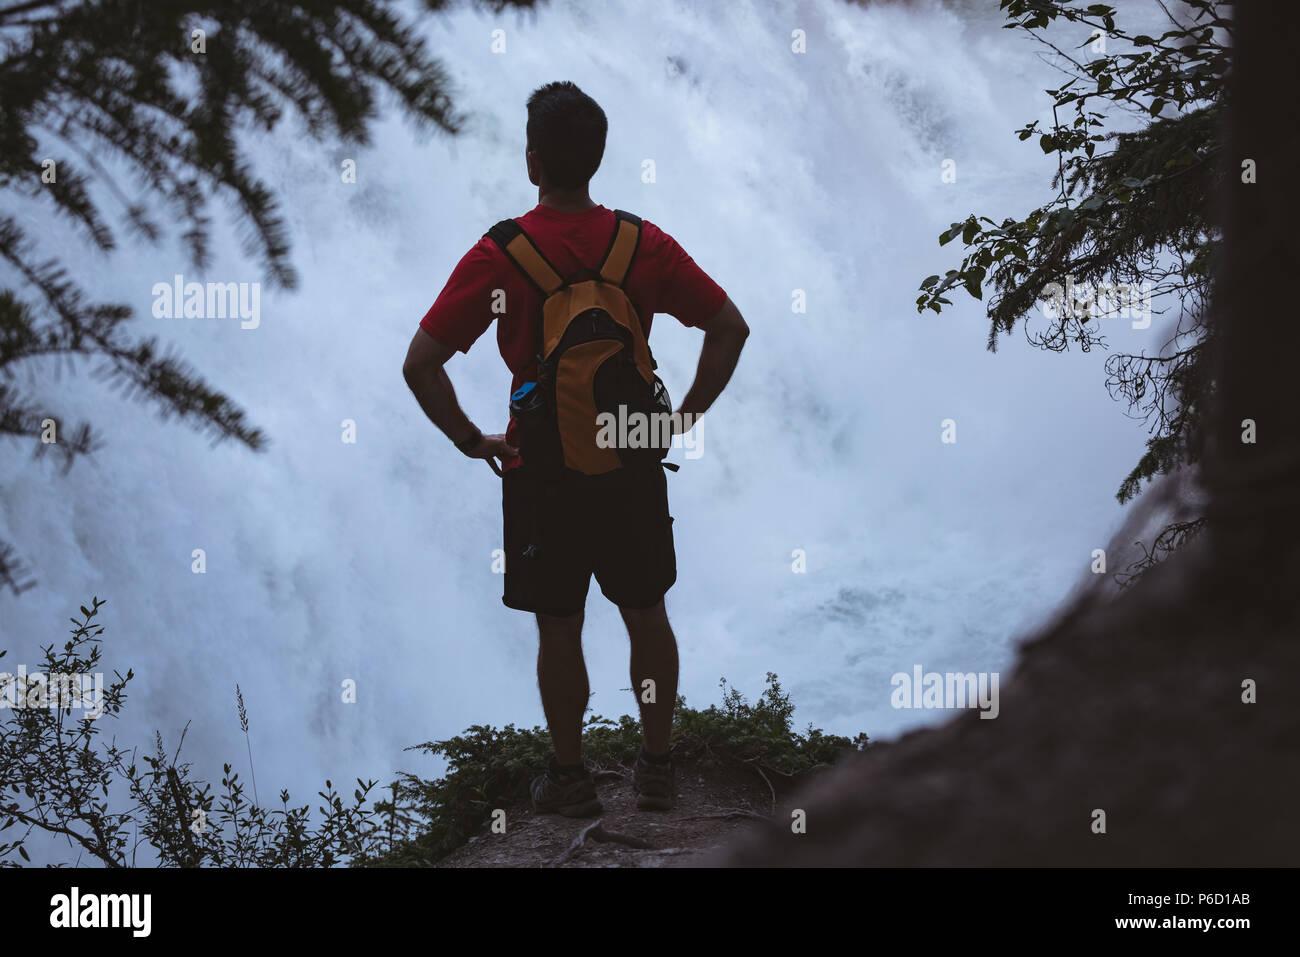 Mann stand mit den Händen auf der Hüfte in der Nähe von Wasserfall Stockfoto